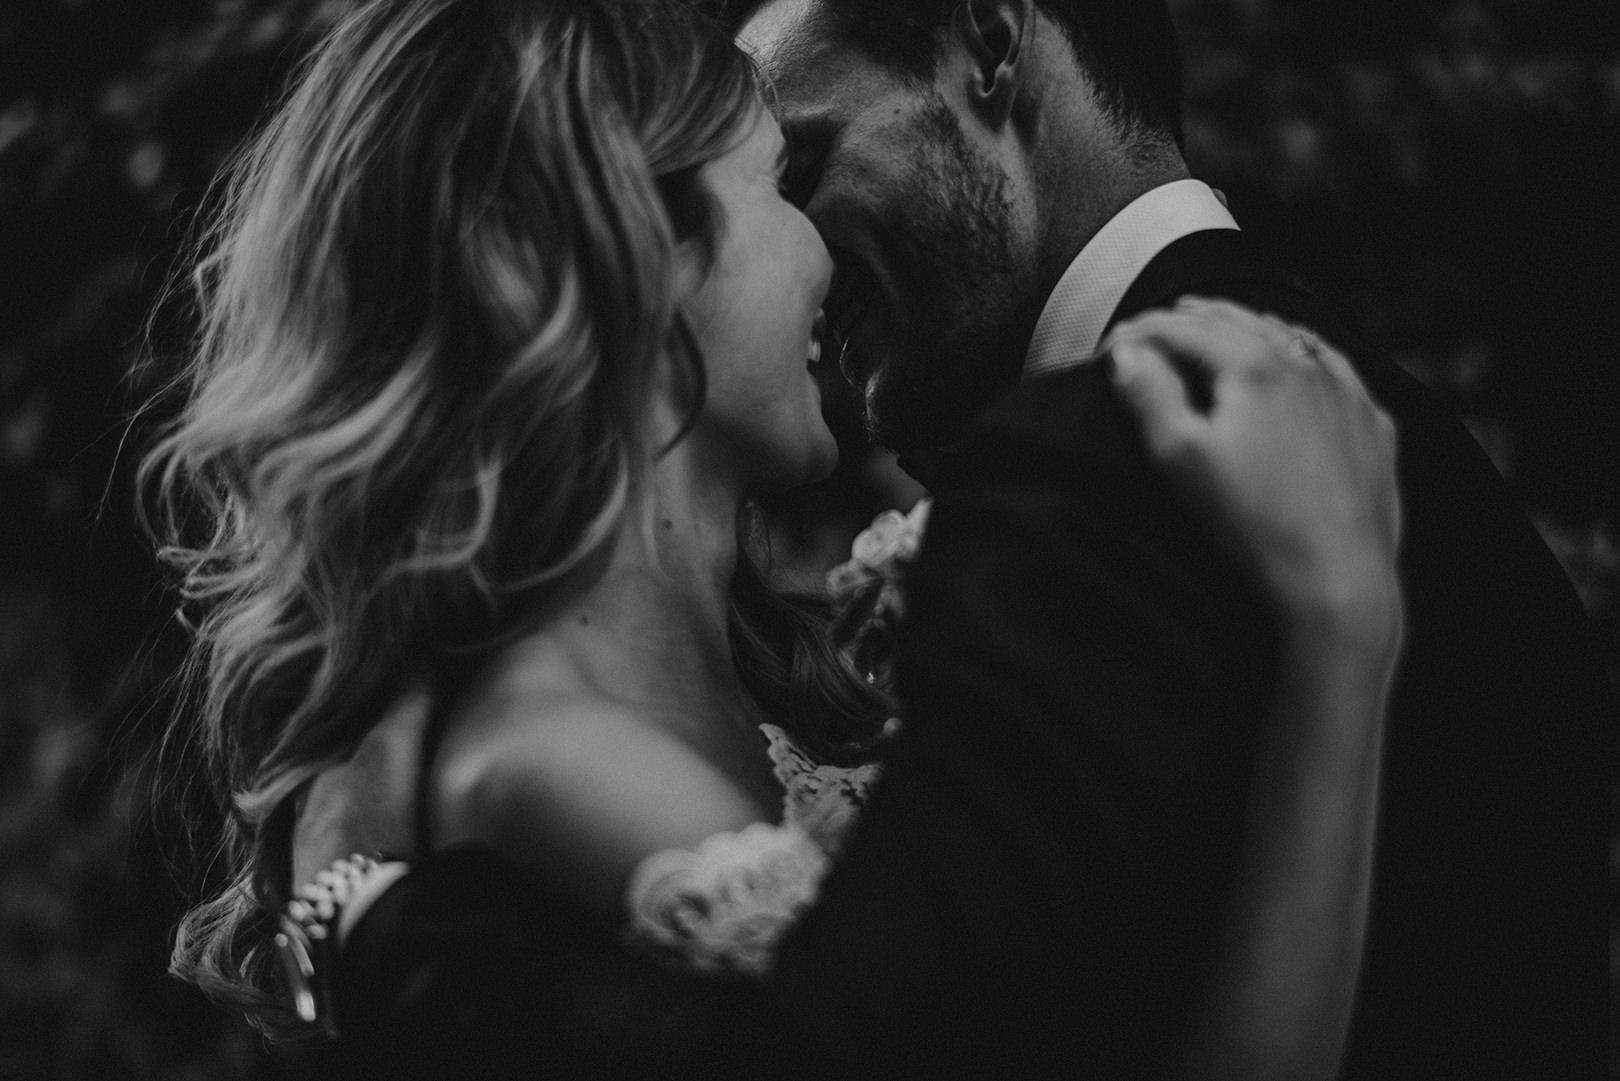 Beautiful spanish black and white photo